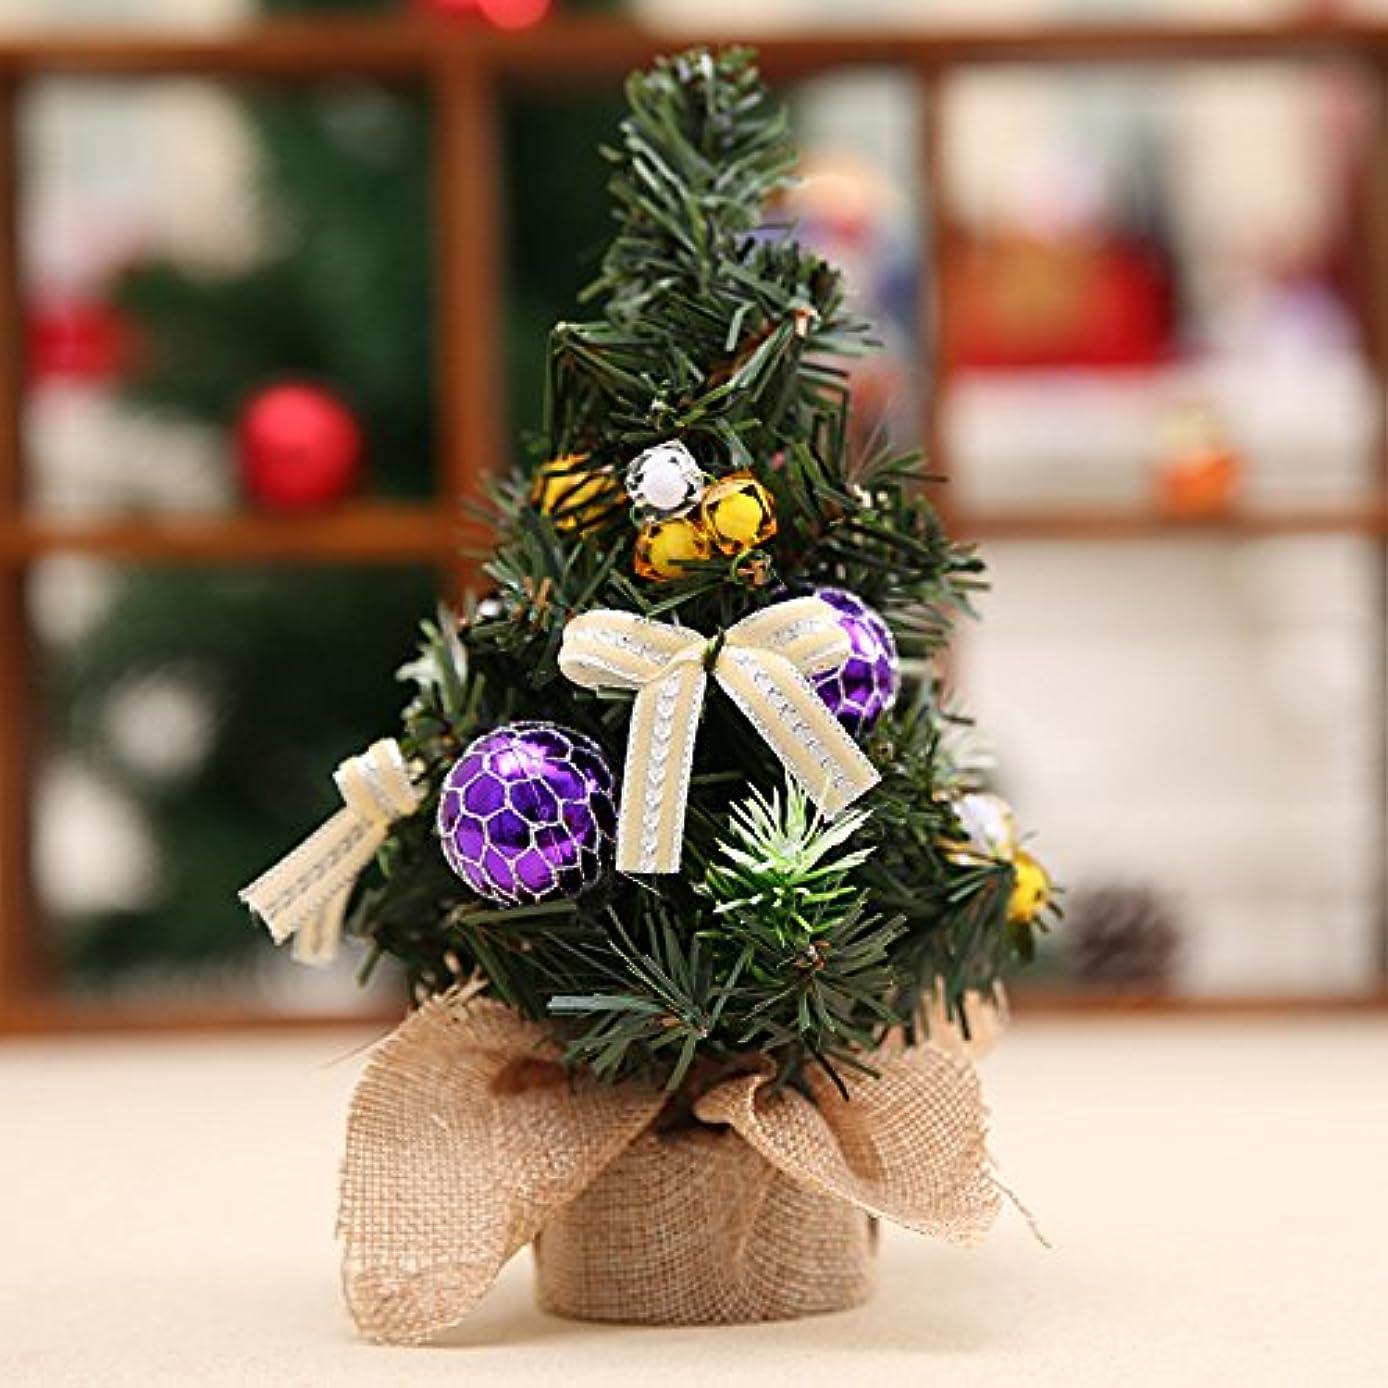 キャプテンシエスタ確かなクリスマスツリー サンタ ギフト テーブル飾り 部屋 卓上 飾り パーティー(パープル)